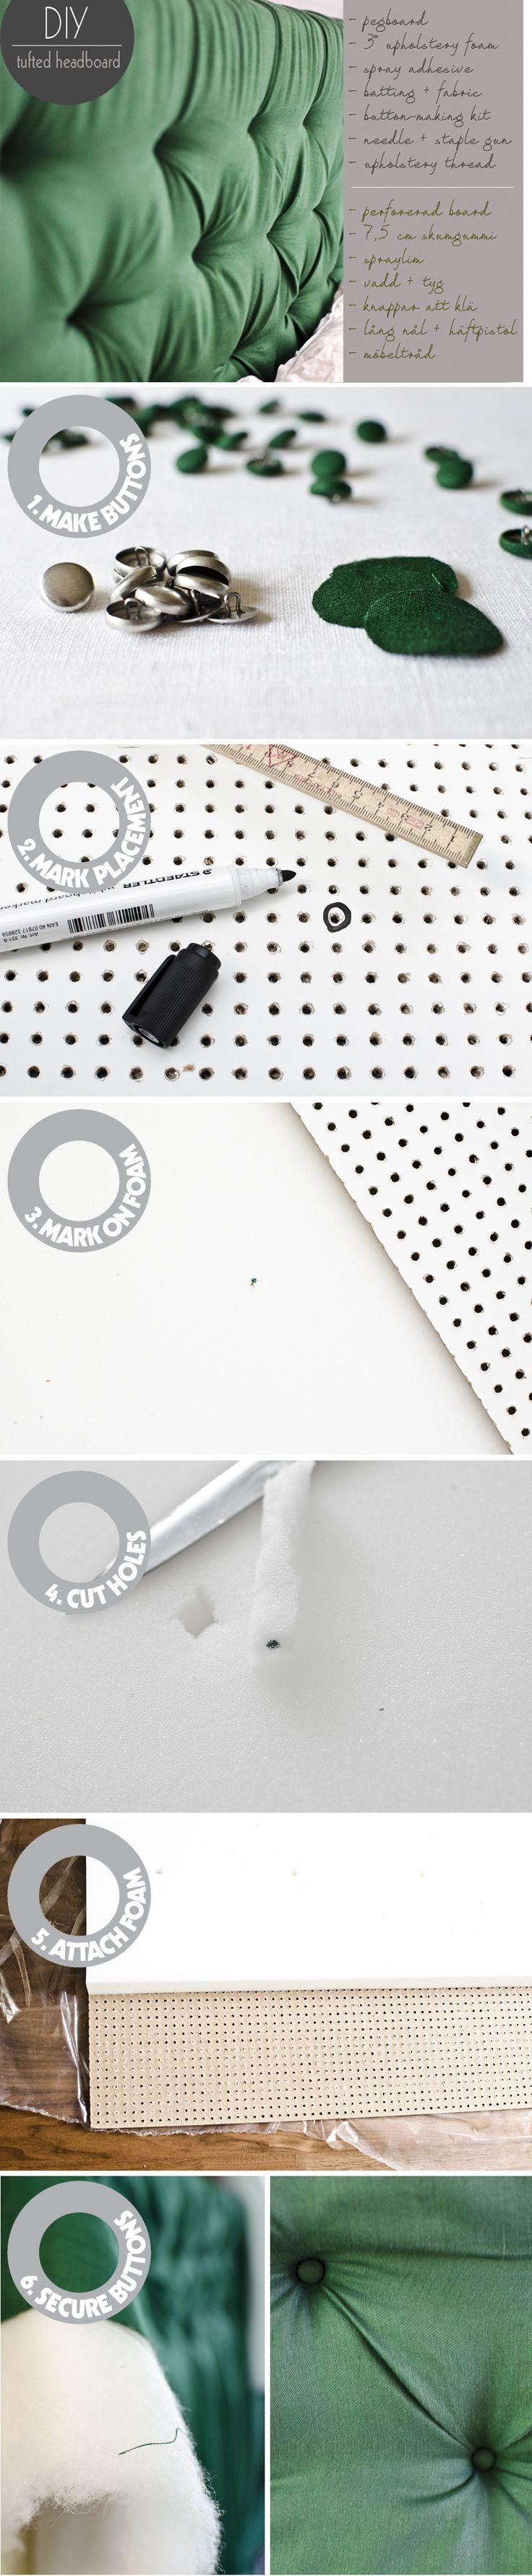 Gör en egen stoppad sänggavel med perforerad board, tyg, knappar och tålamod. På Husligheter.se får du hela beskrivningen!